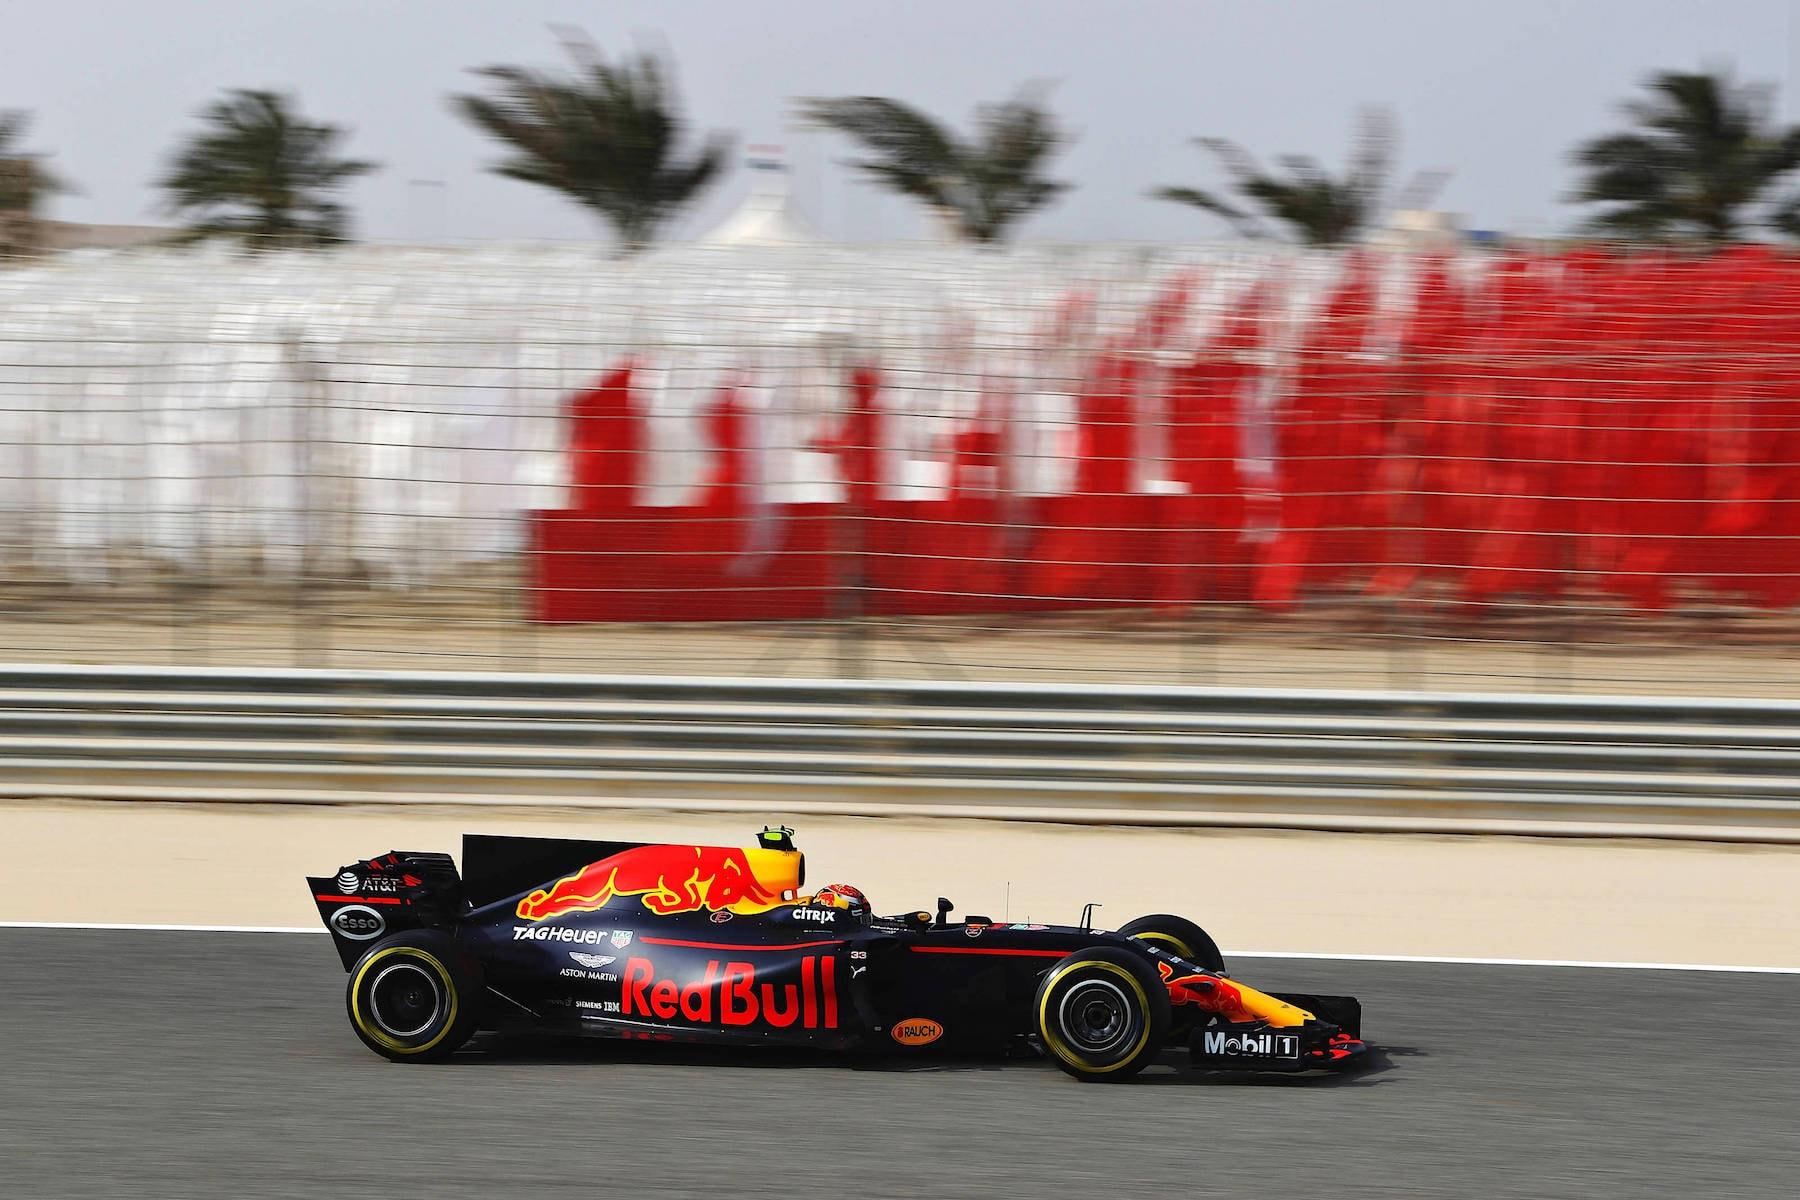 2017 Max Verstappen   Red Bull RB13   2017 Bahrain GP FP3 3 copy.jpg